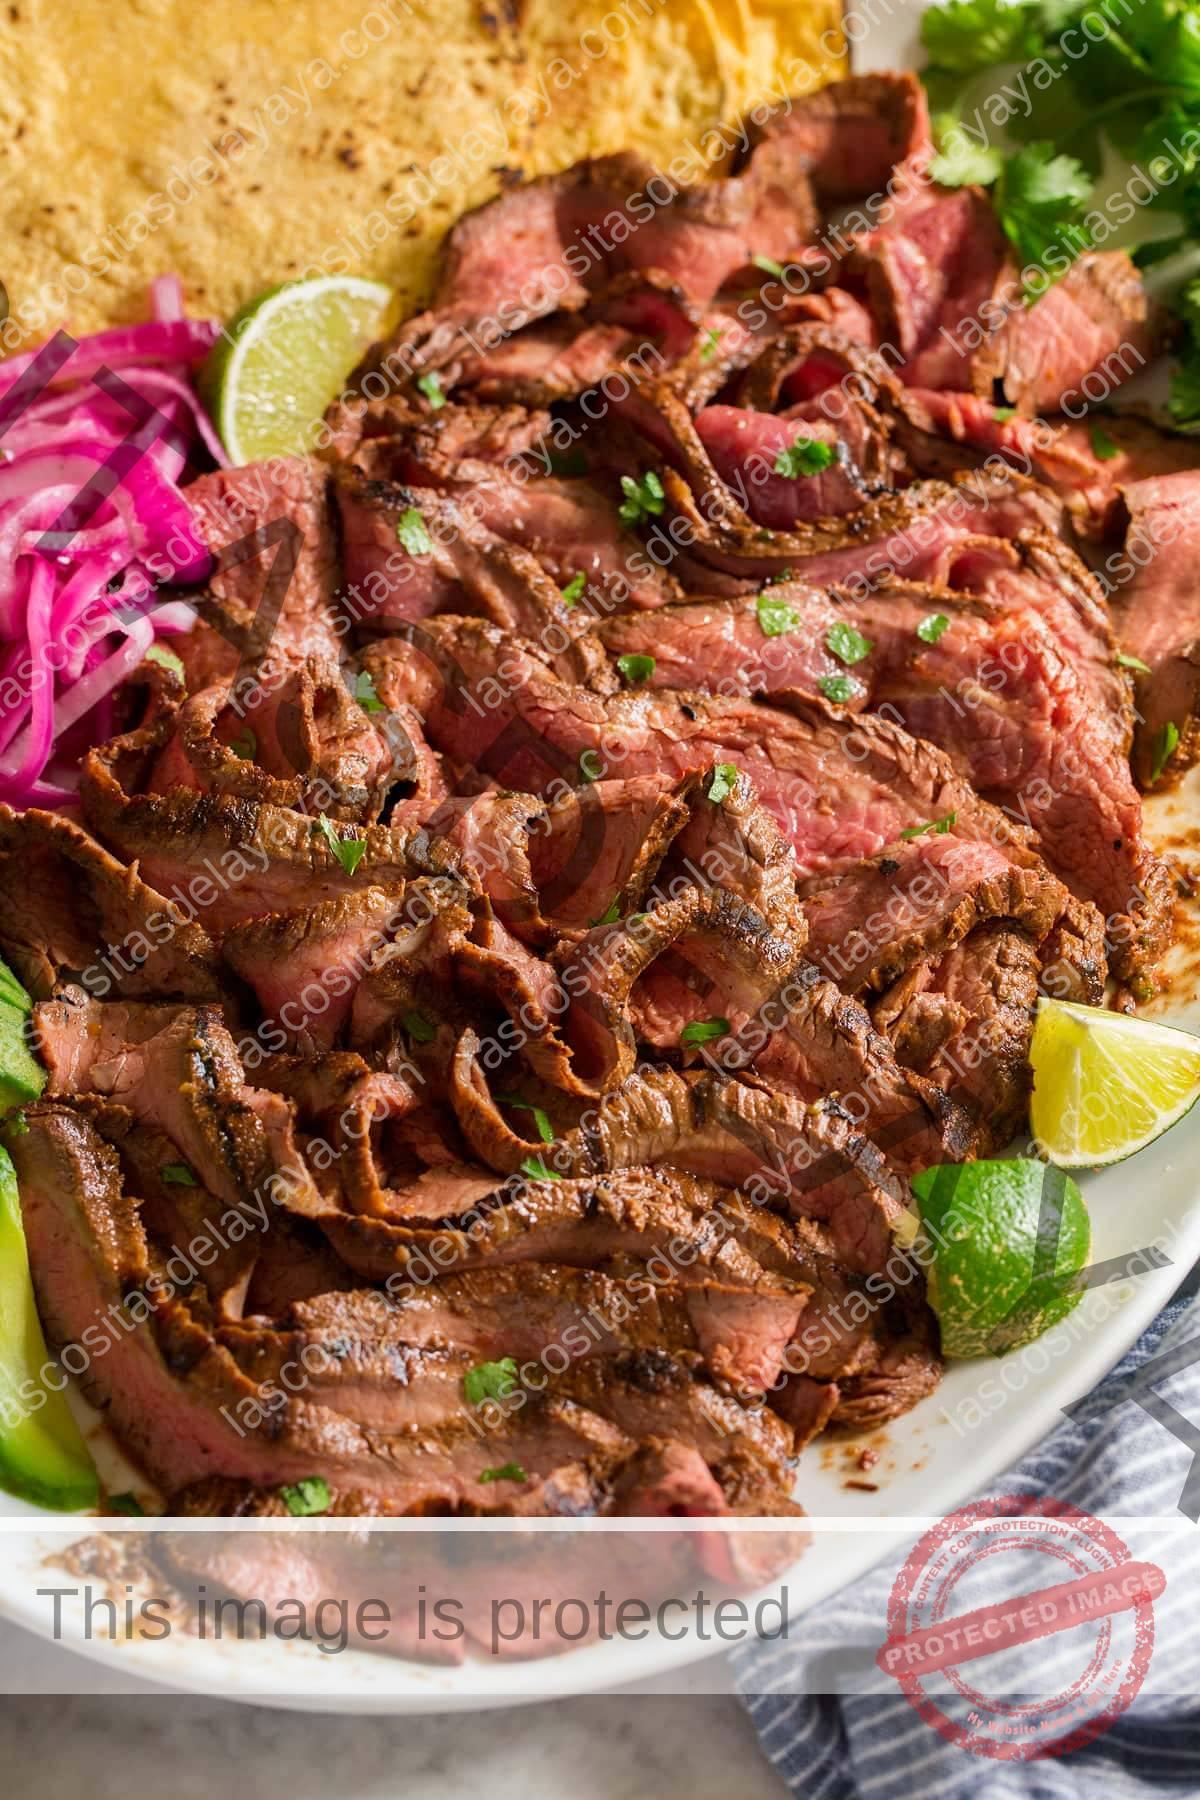 Tiras de carne asada en rodajas que se muestran en un plato blanco desde una vista lateral.